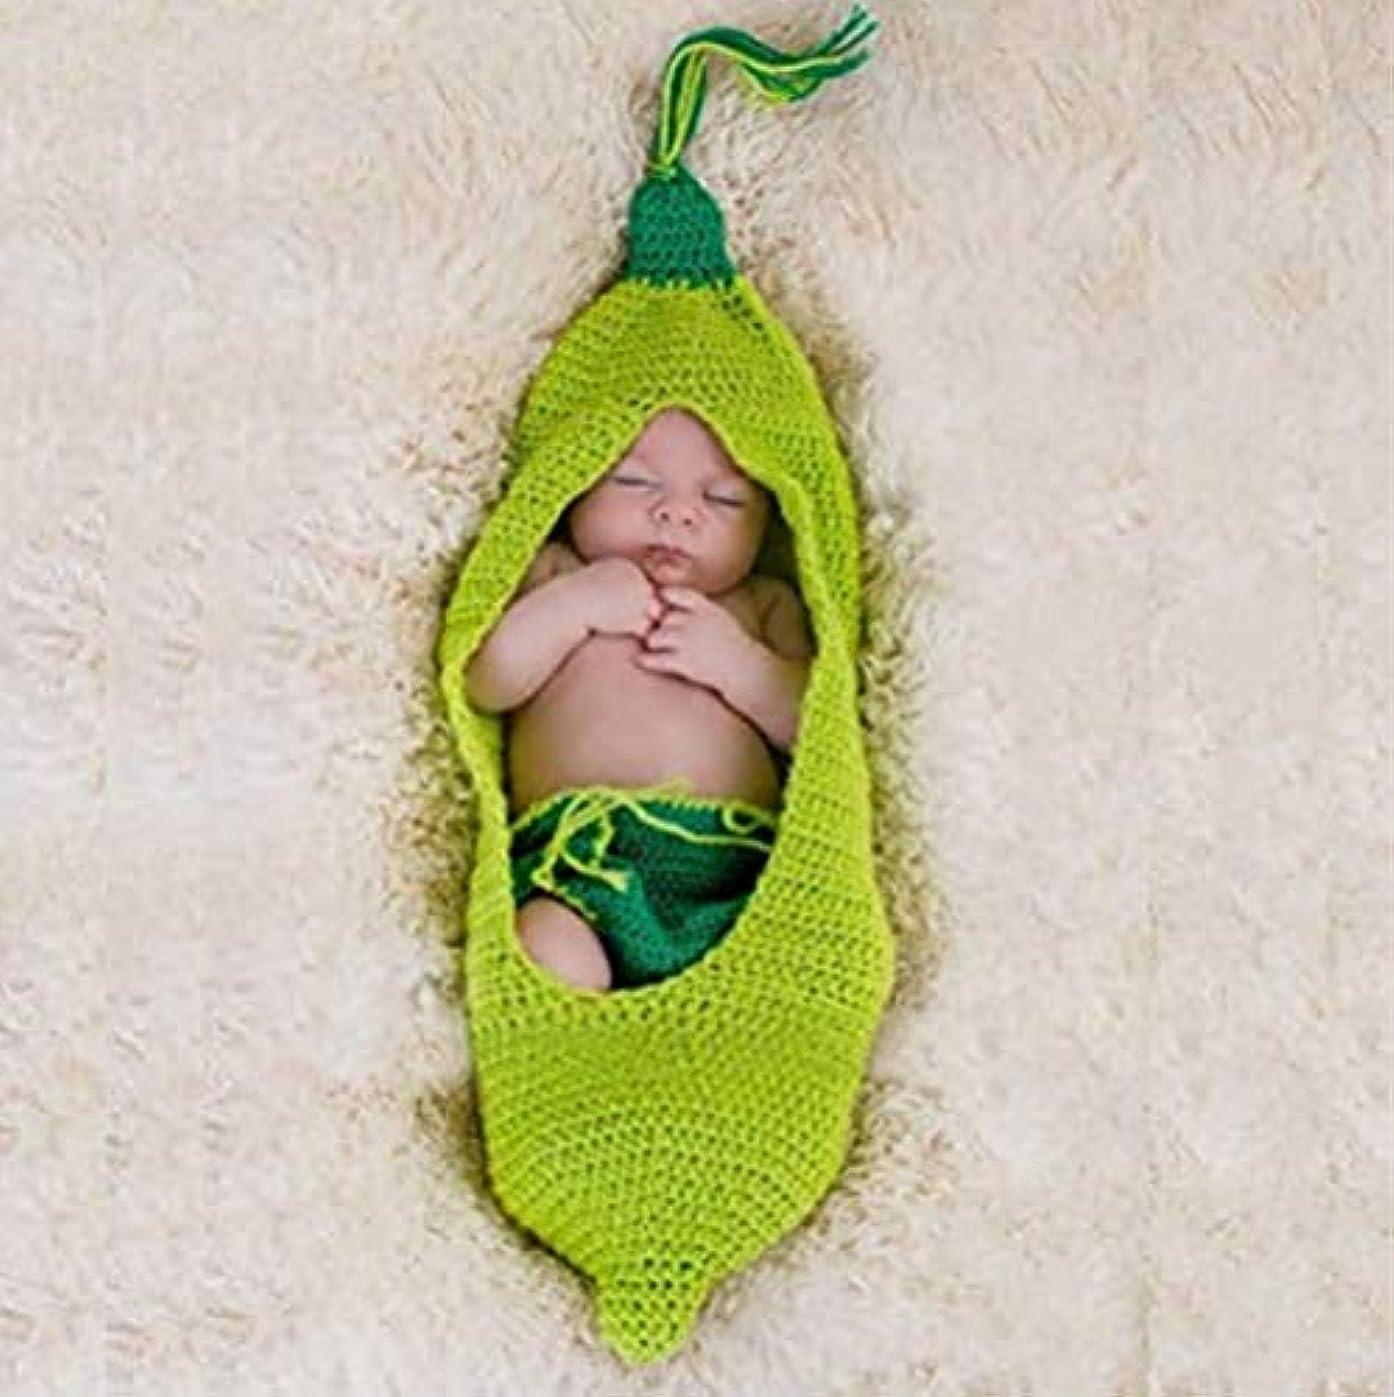 飲料不愉快に真空Yamiko コスチューム 寝相アート ベビー服 着ぐるみ 新生児 赤ちゃん